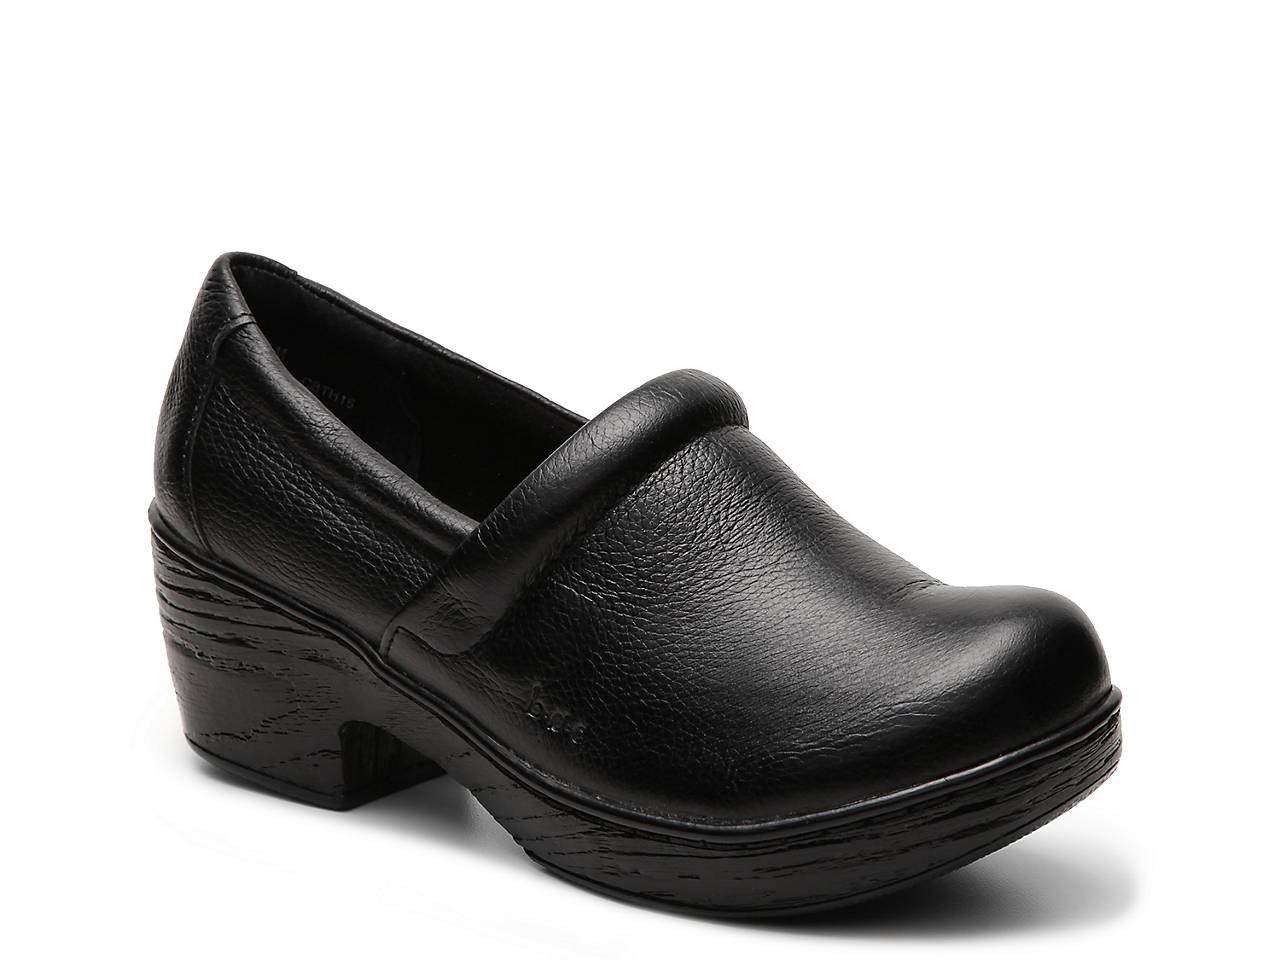 Boc Shoes Sandals Boots Clogs Dsw